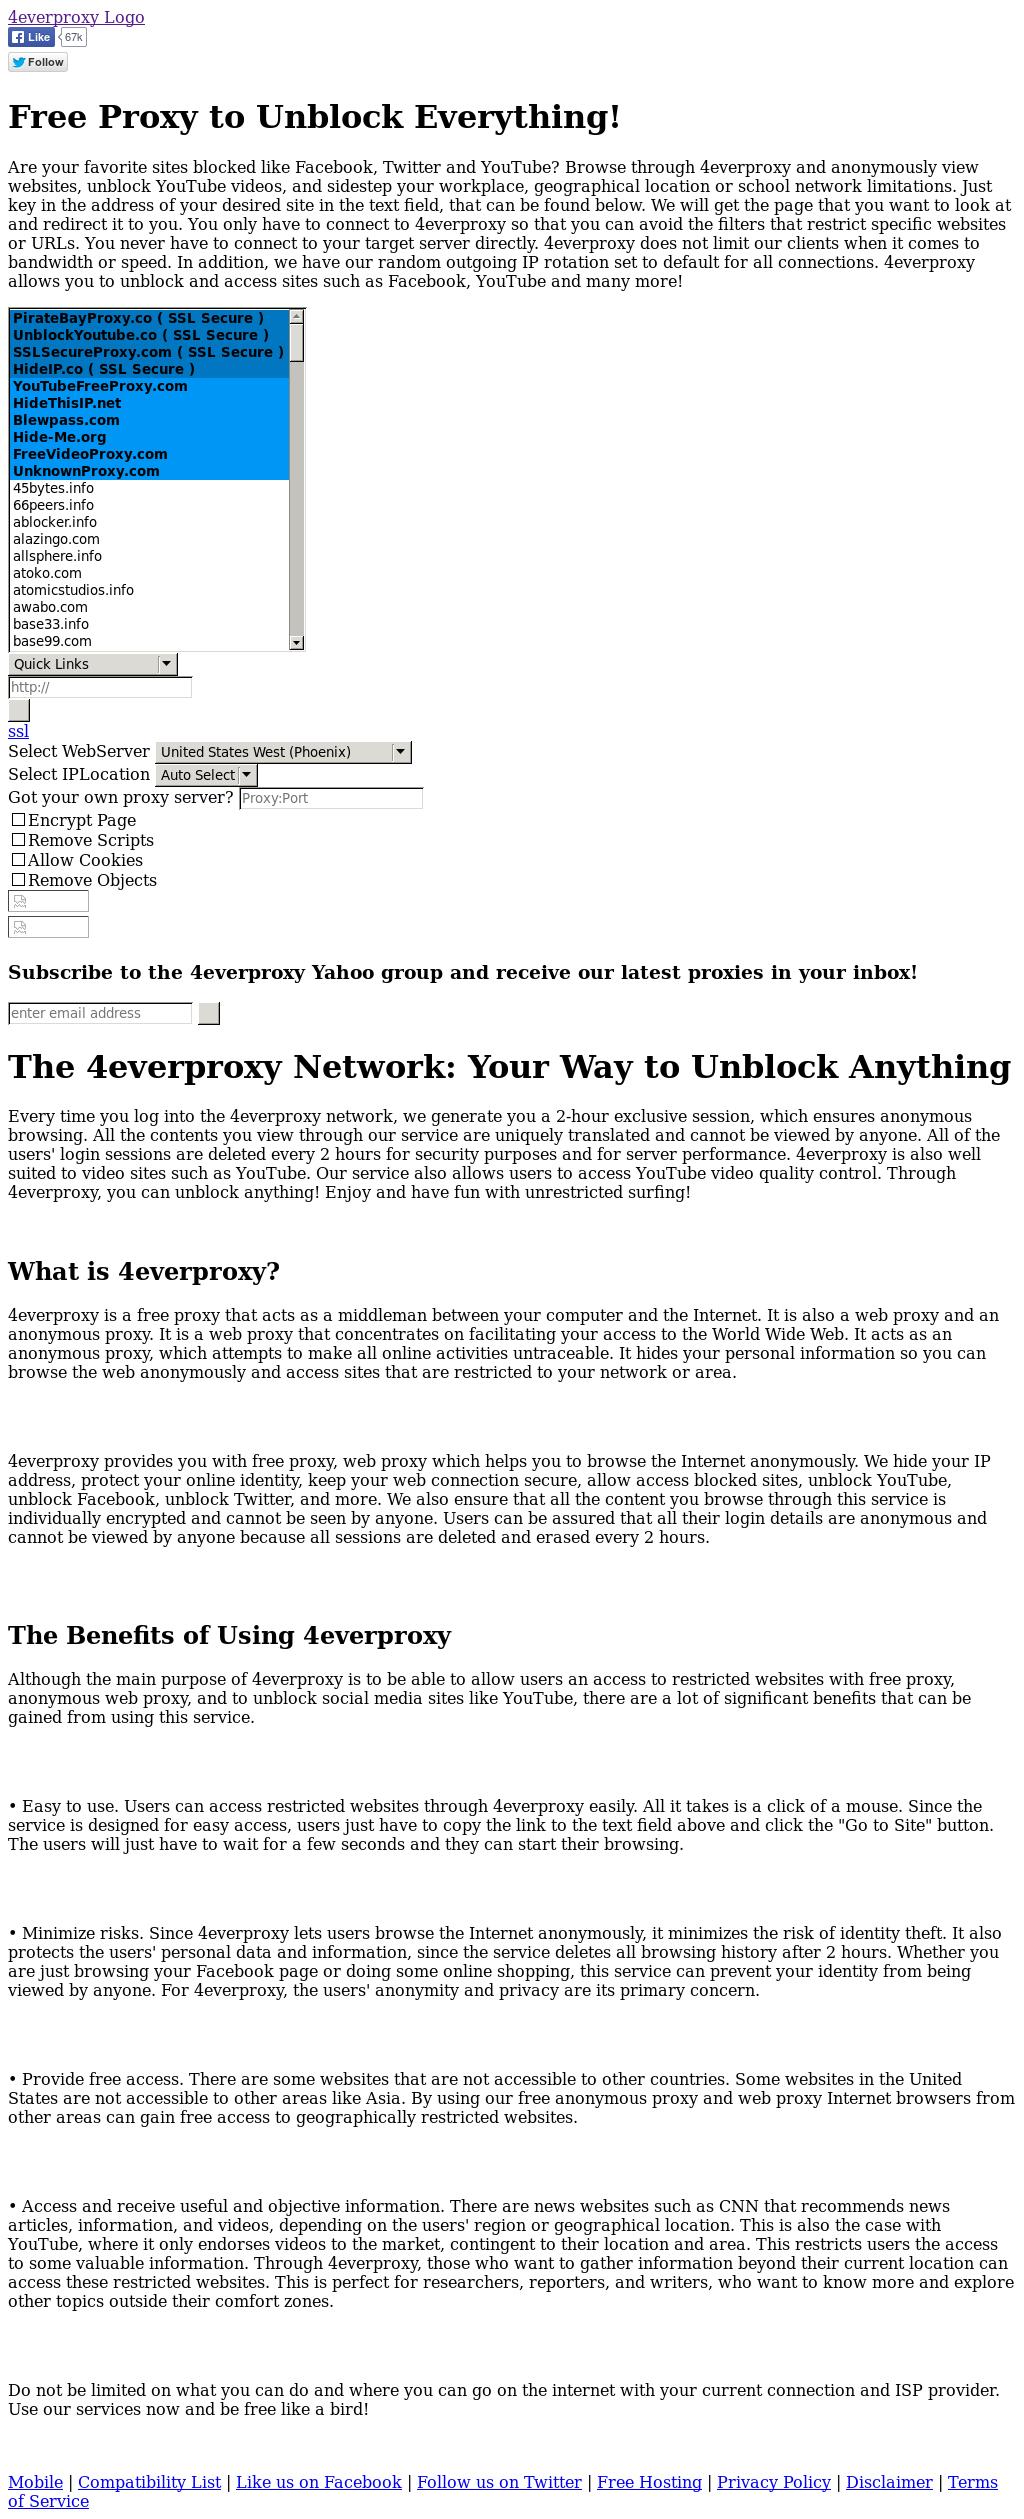 Facebook backdoor proxy